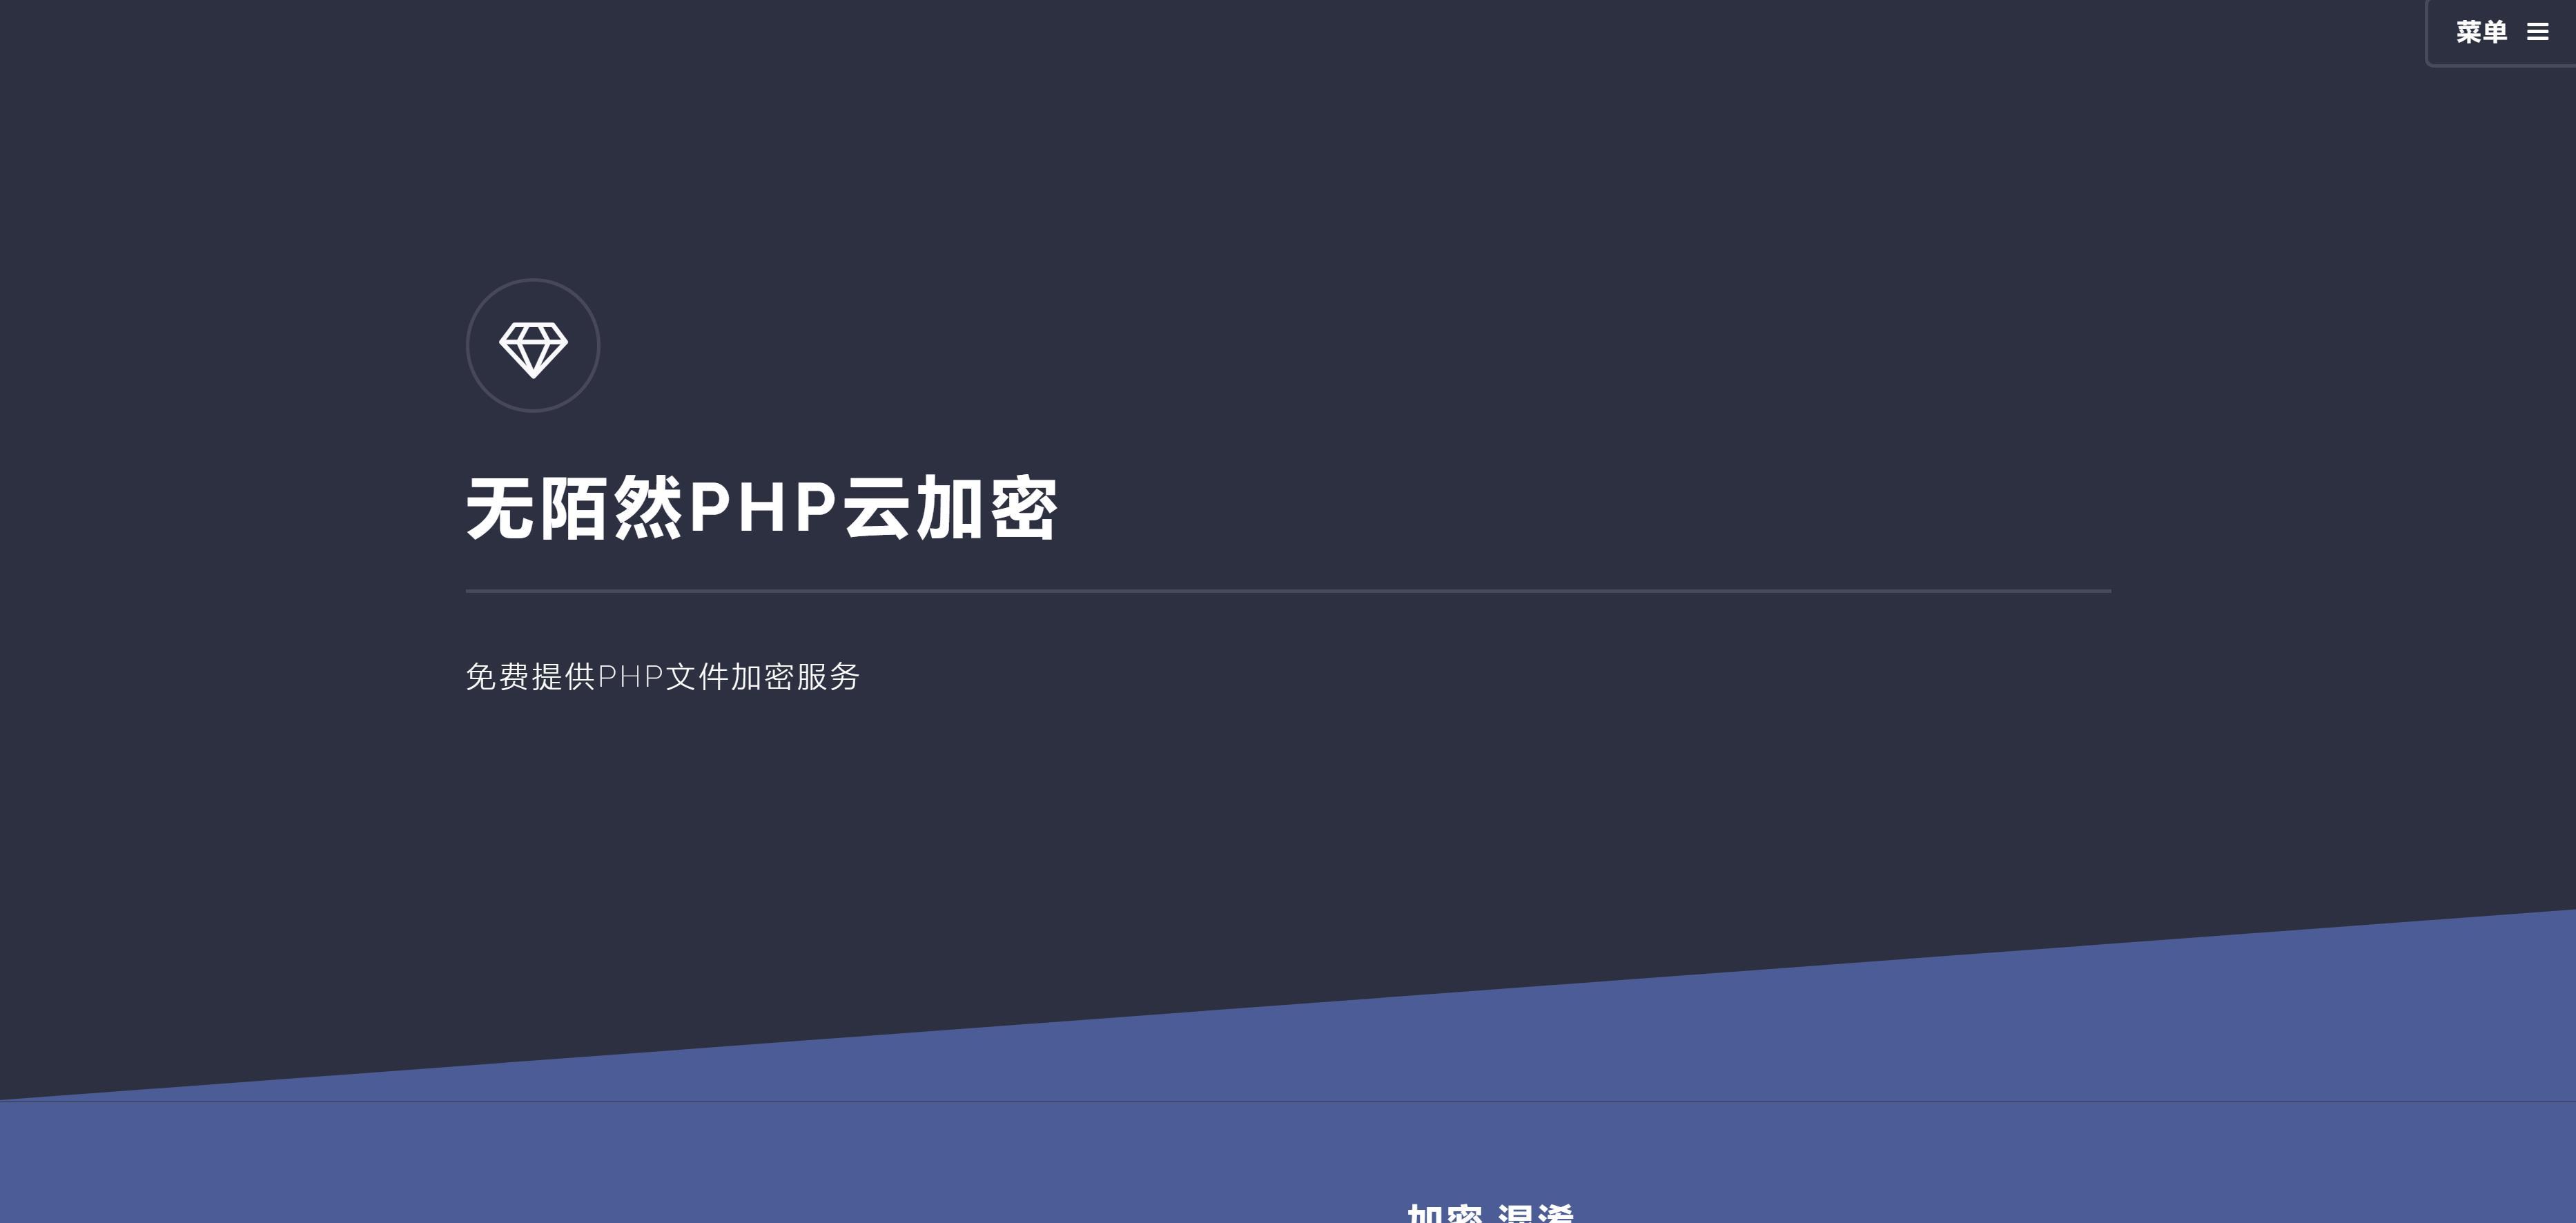 2019最新可用的PHP云加密平台免费分享